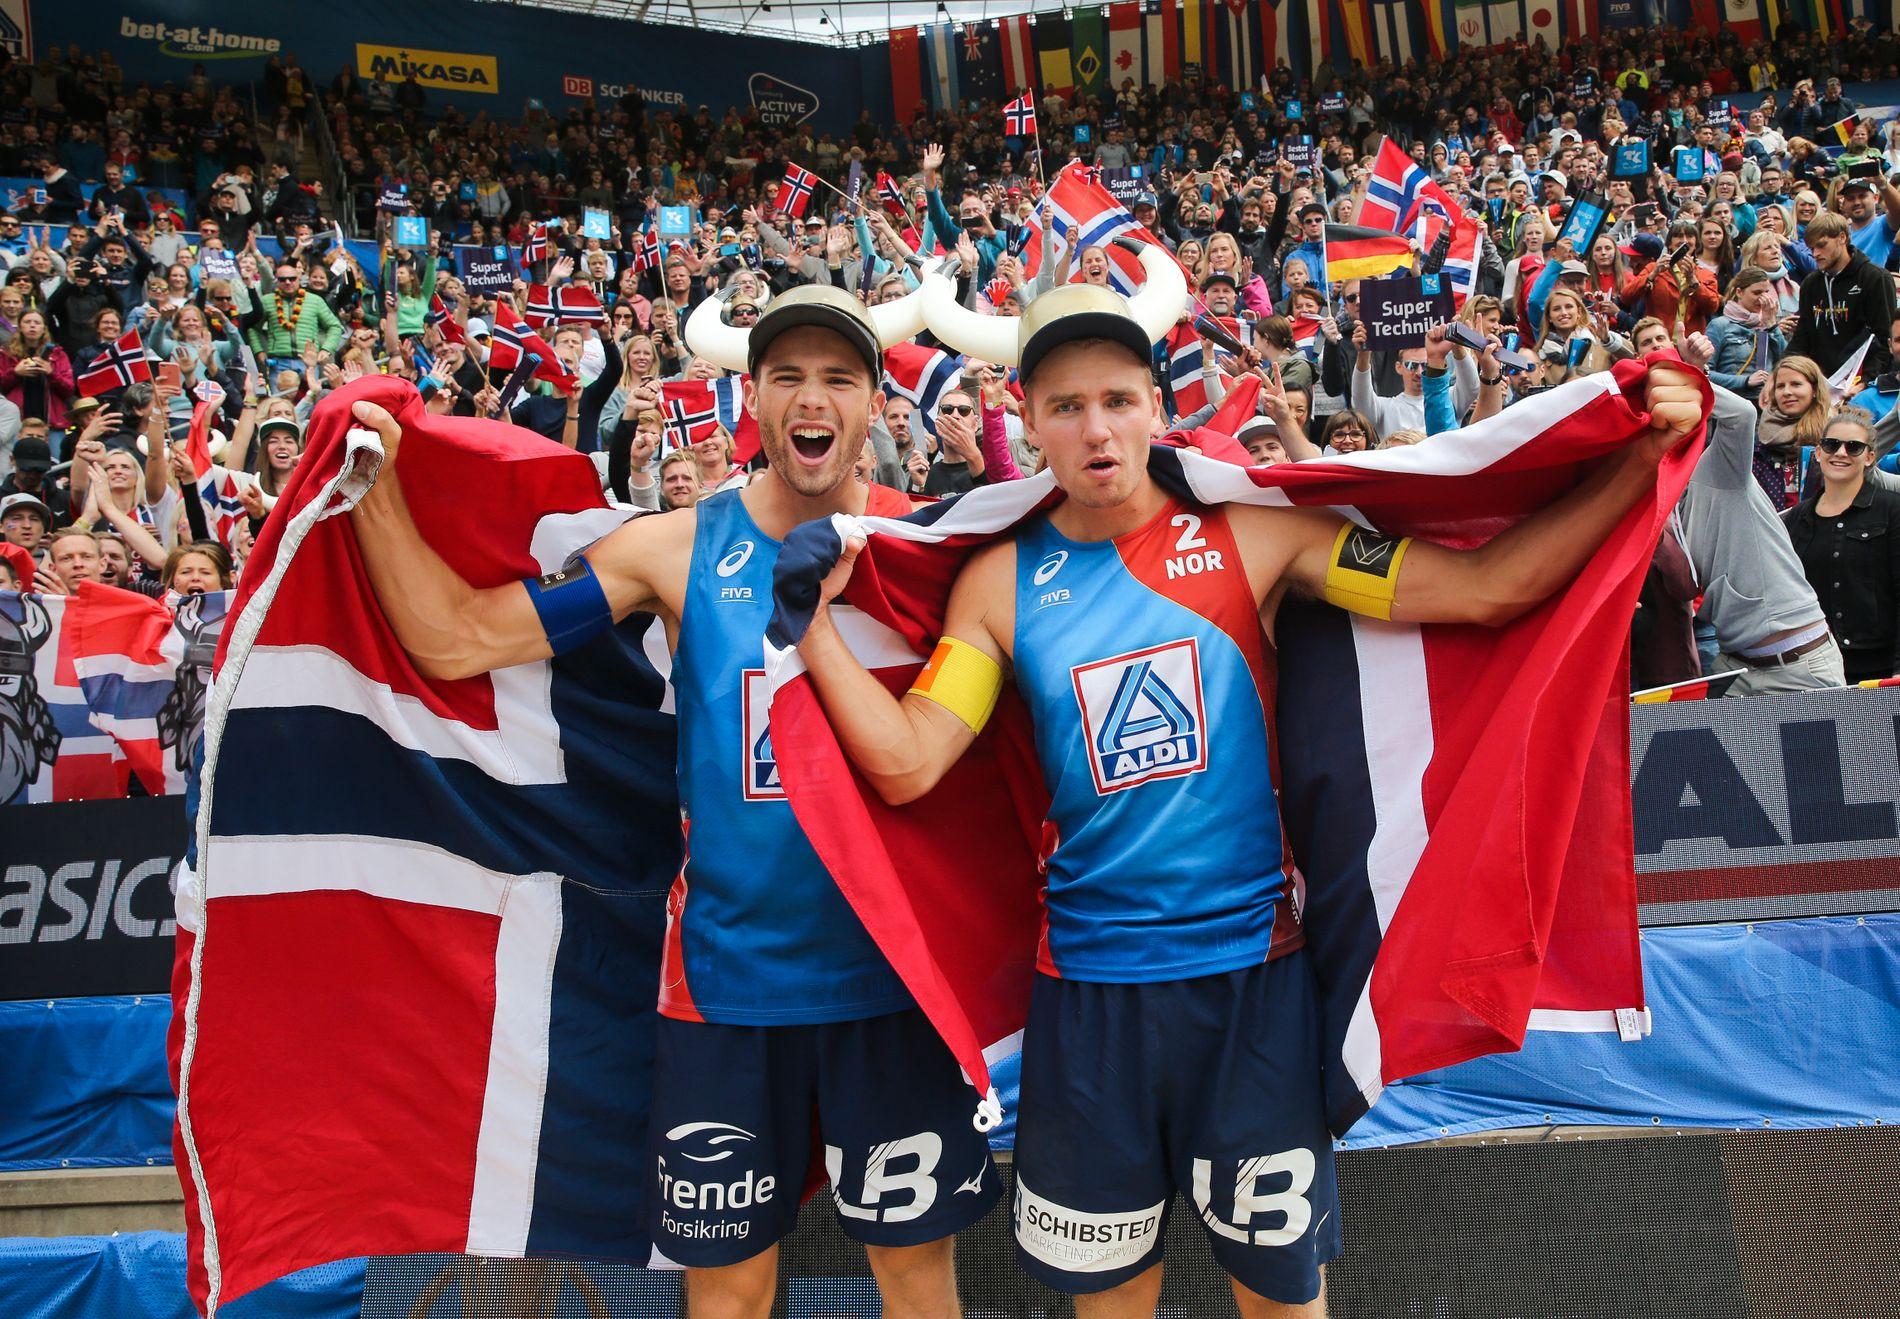 FRA BRONSE TIL GULL: Mol og Sørum jublet på denne måten etter at de tok VM-bronse i Hamburg i starten av juli.